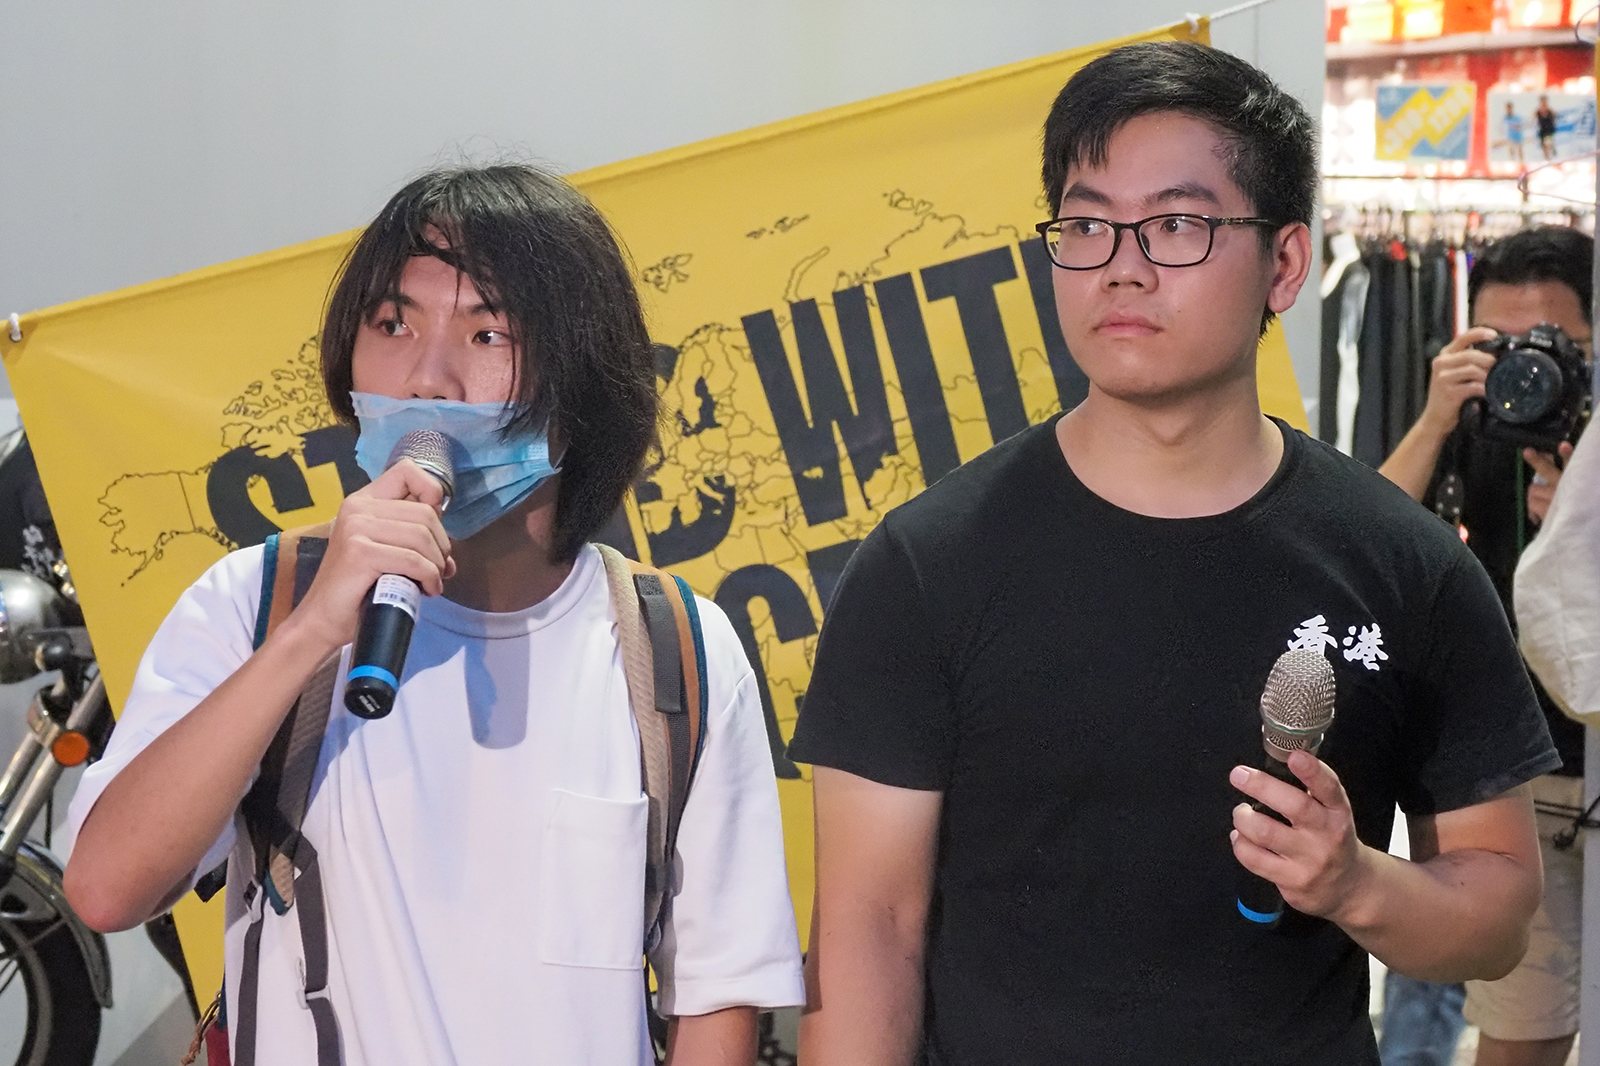 2020年8月31日,活动主办人(左)和主持人(右)保持低调,不愿透露身分。(锺广政 摄)